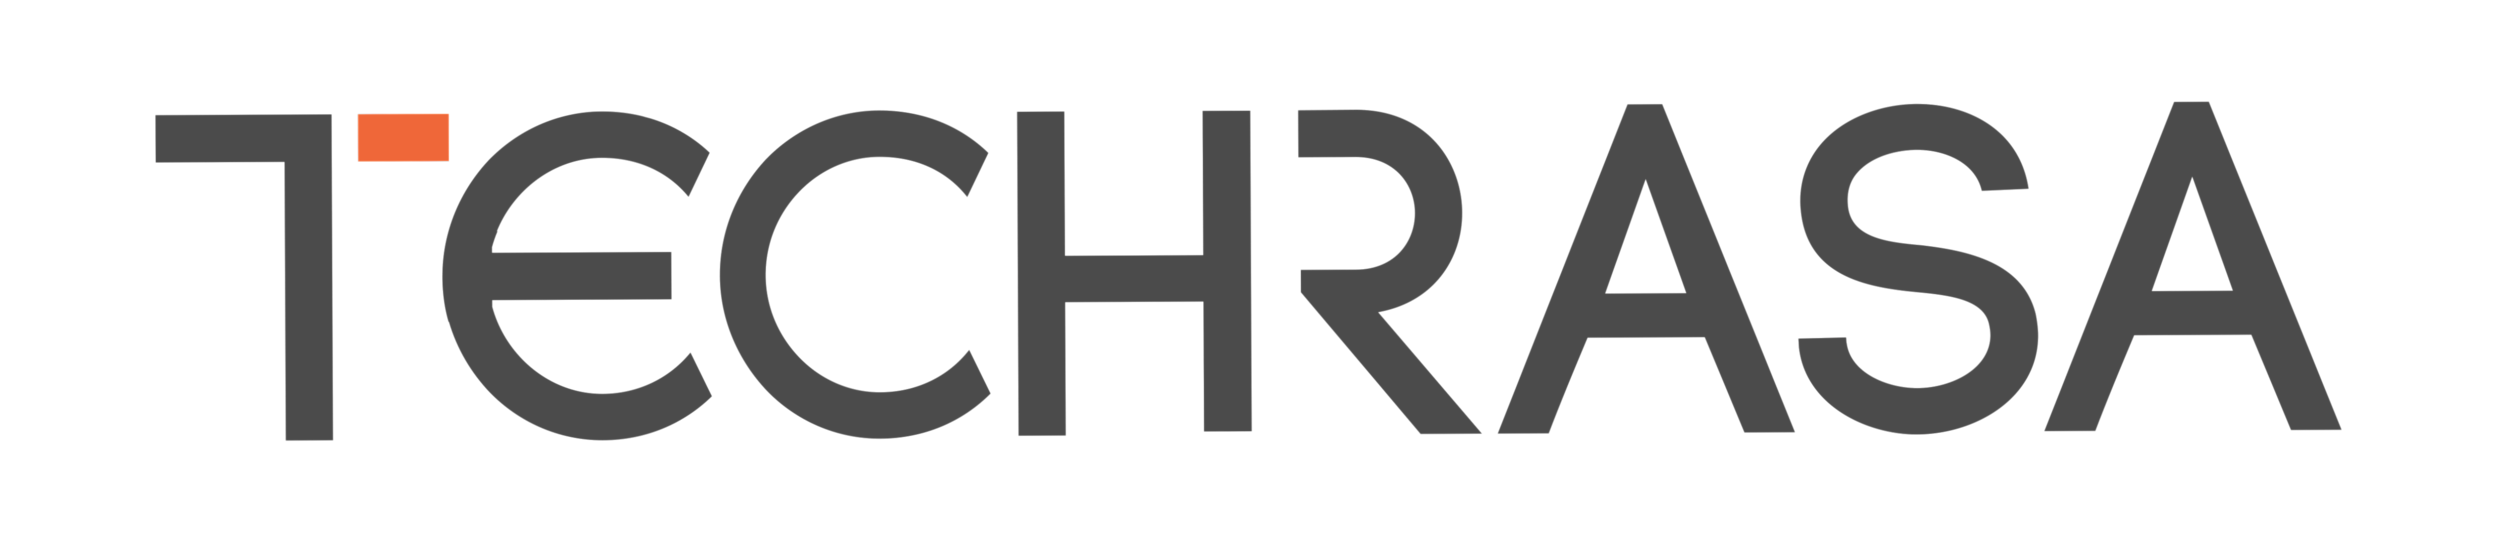 Techrasa Logo.png